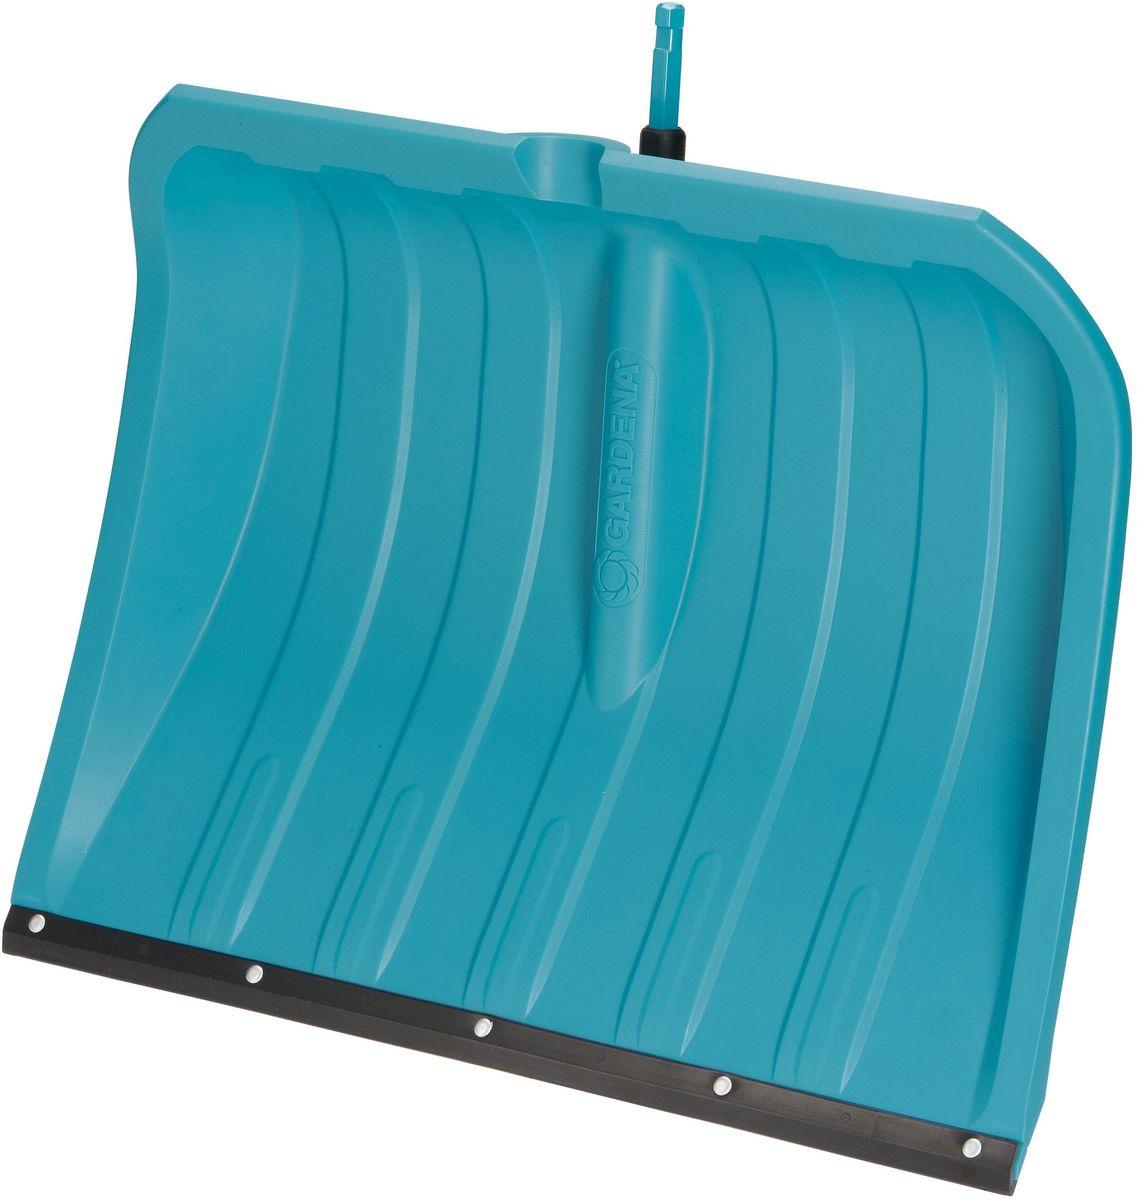 Лопата для уборки снега Gardena, со съемной ручкой, ширина 50 см. 07832-20.000.0007832-20.000.00Лопата для уборки снега Gardena - это удобный и легкий инструмент, предназначенный для уборки снега. Пластиковая кромка не повреждает обрабатываемую поверхность. Оптимальный угол наклона полотна для эффективной работы.Изделие оснащено съемной ручкой Gardena, выполненной из ясеня и алюминия. Конструкция ручки включает в себя стопорный винт, благодаря которому достигается надежная фиксация инструмента. Форма ручки в виде конуса облегчает использование ручки во время работы и предотвращает ее выскальзывание.Длина ручки: 150 см.Ширина рабочей части лопаты: 50 см.